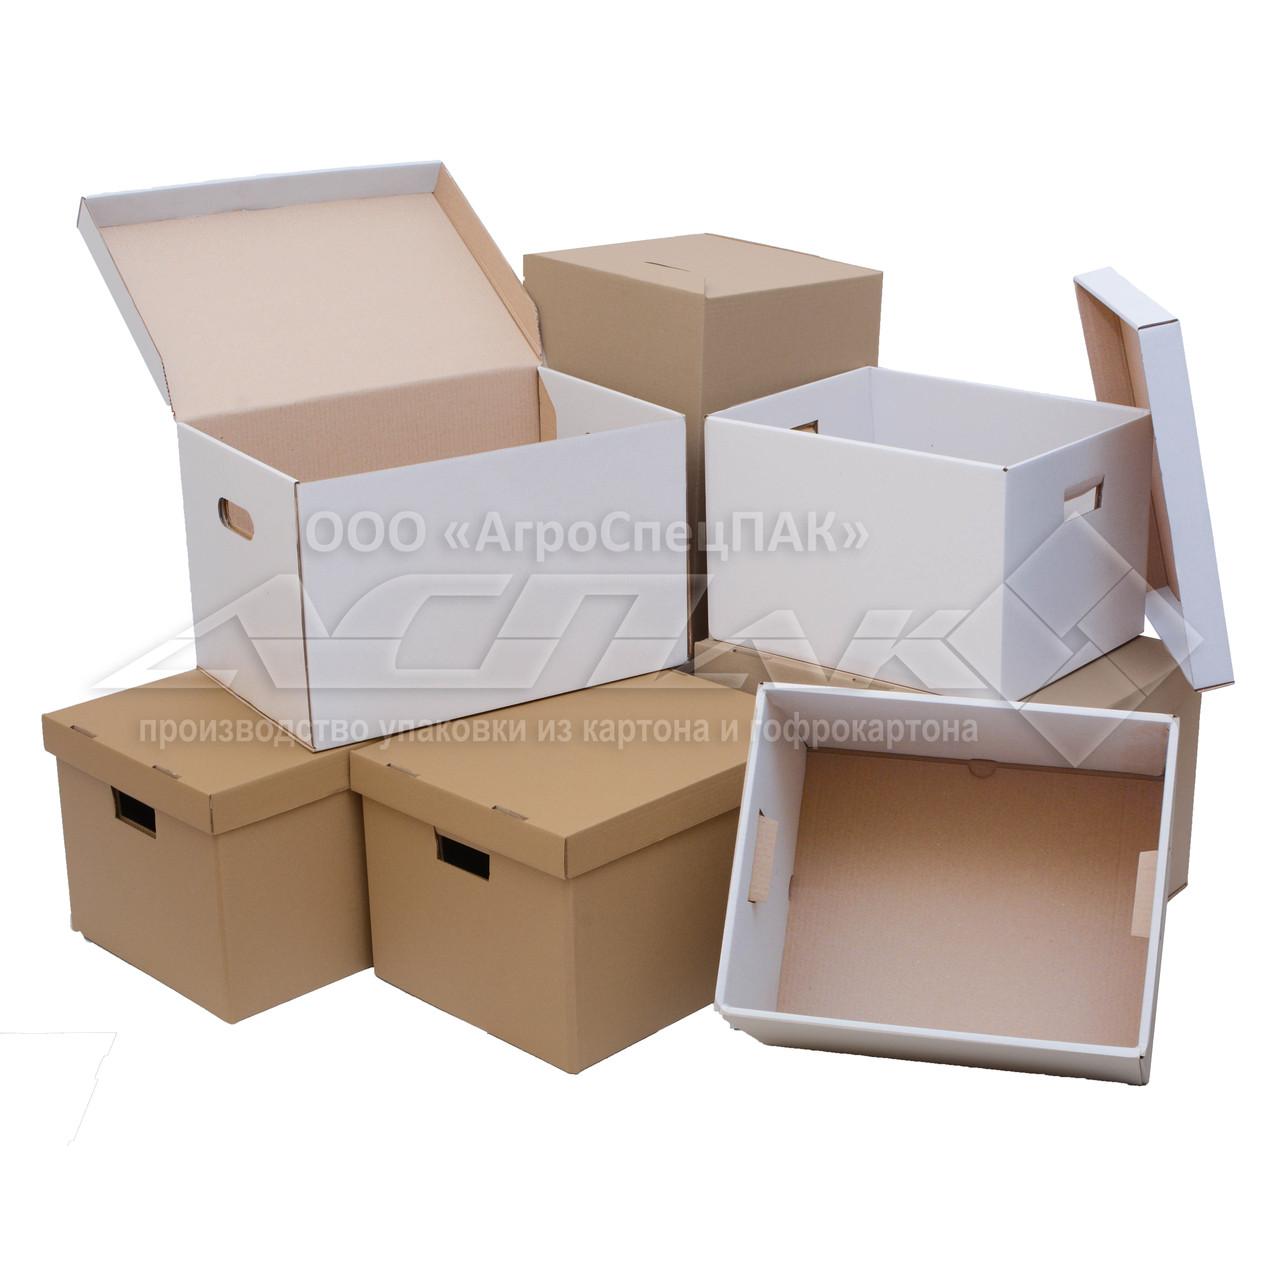 Коробки для документов. Архивные коробки. Архивные короба. Архивные боксы. В ассортименте.